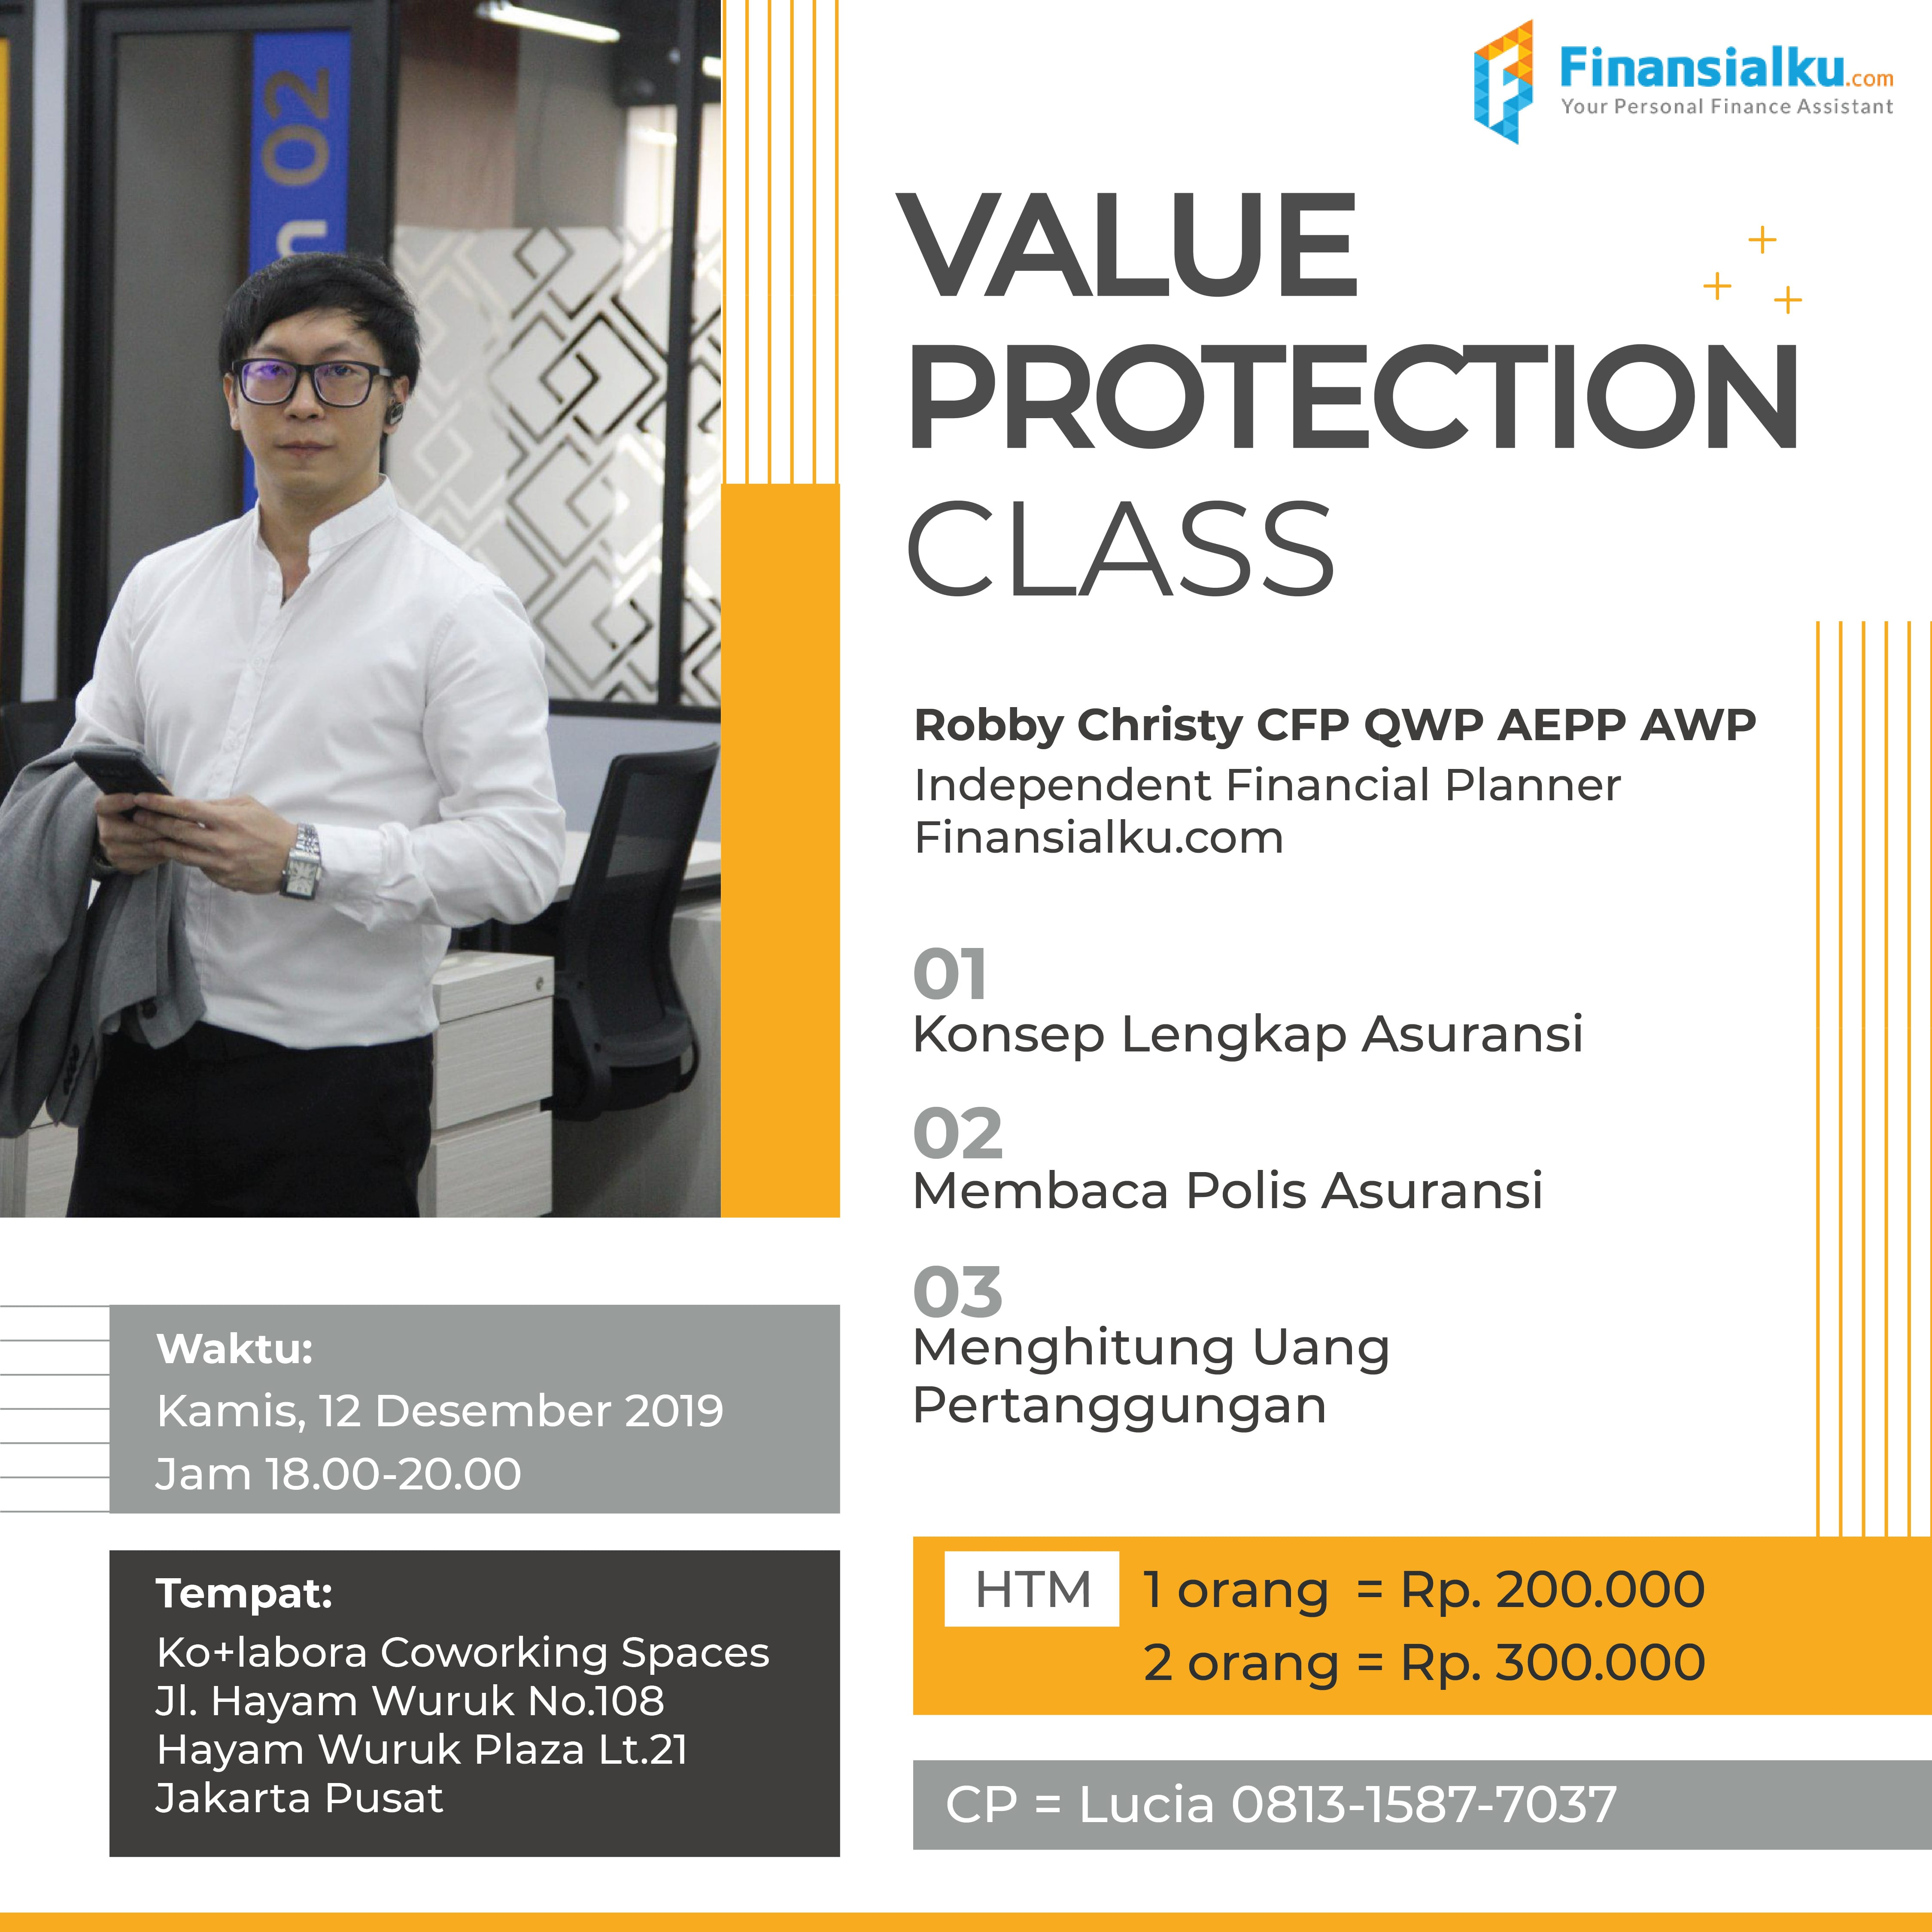 Value Protection Des 2019